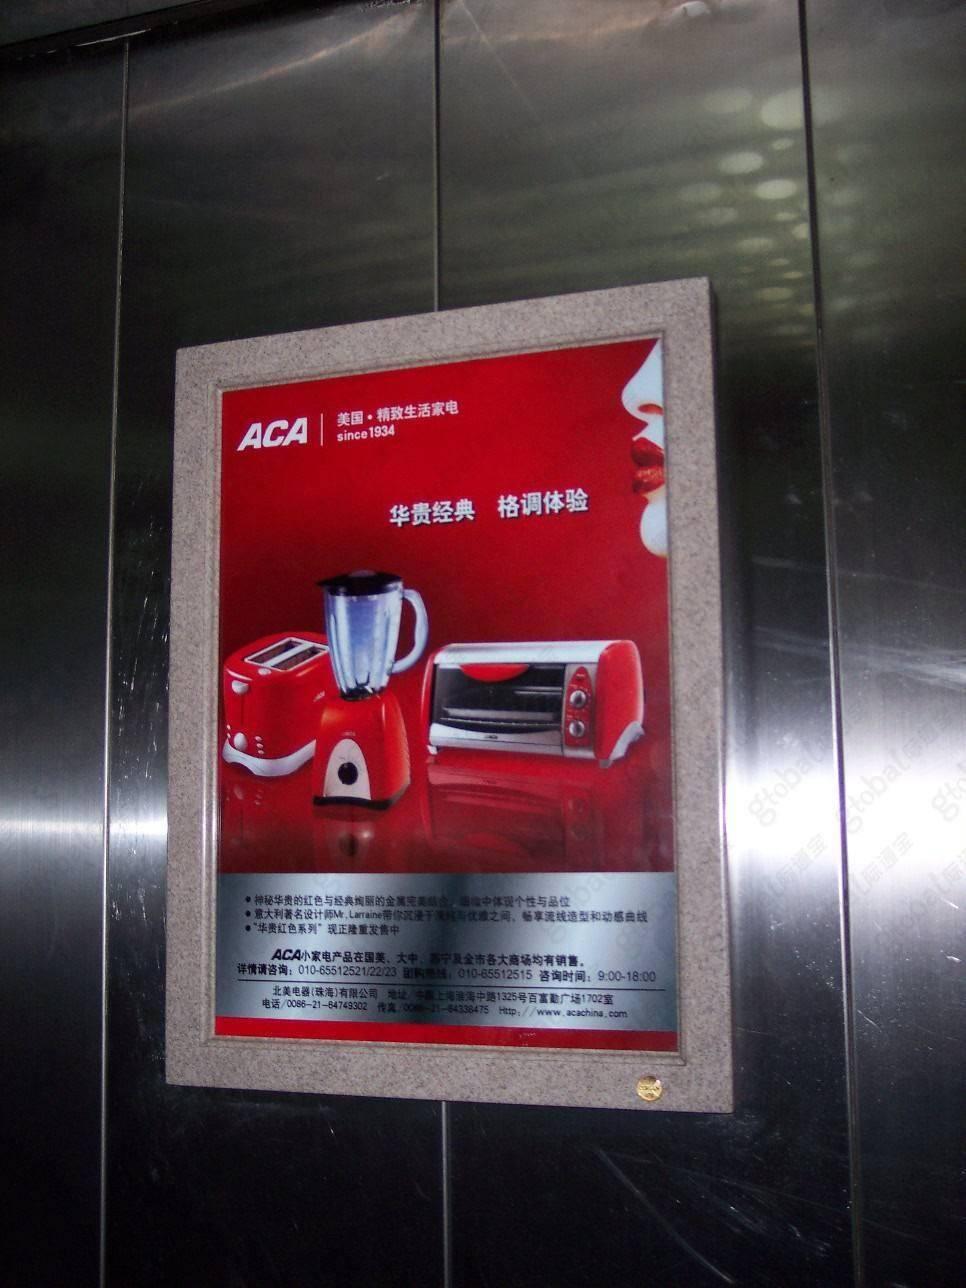 衢州电梯广告公司广告牌框架3.0投放(100框起投)